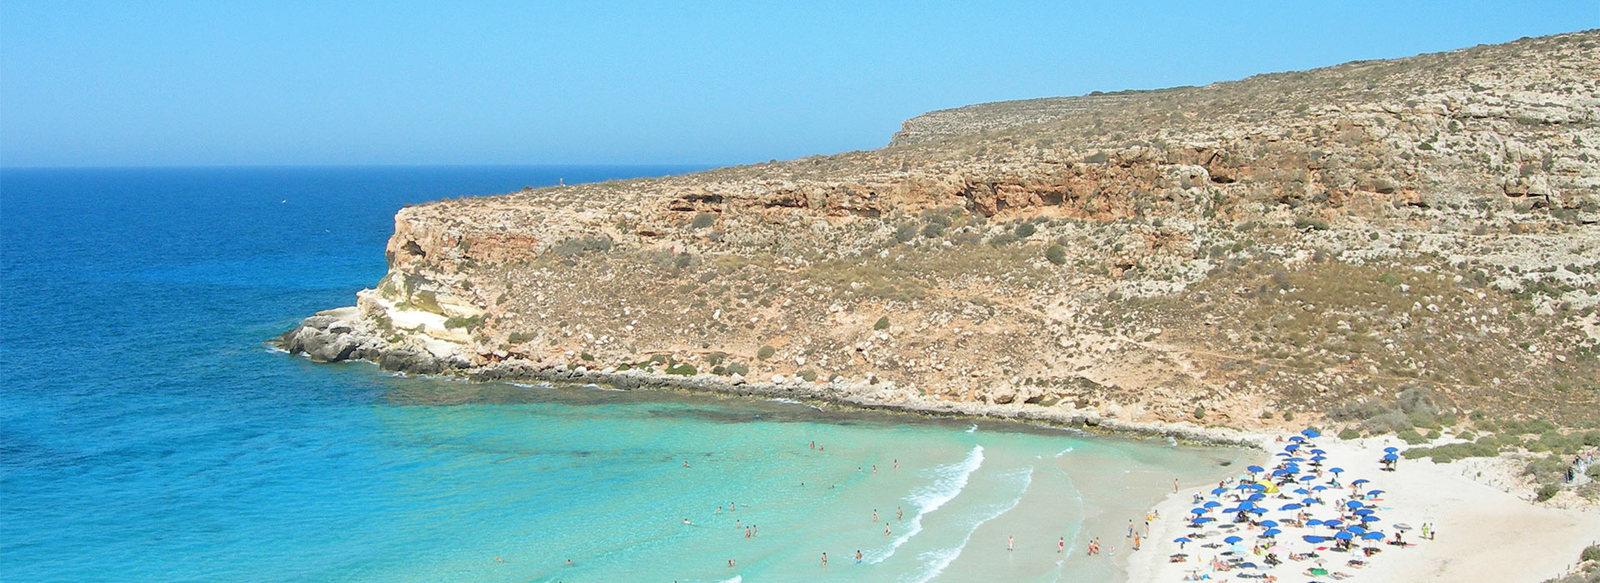 Miglior prezzo Hotel Medusa - Lampedusa - Sicilia - Volo Incluso